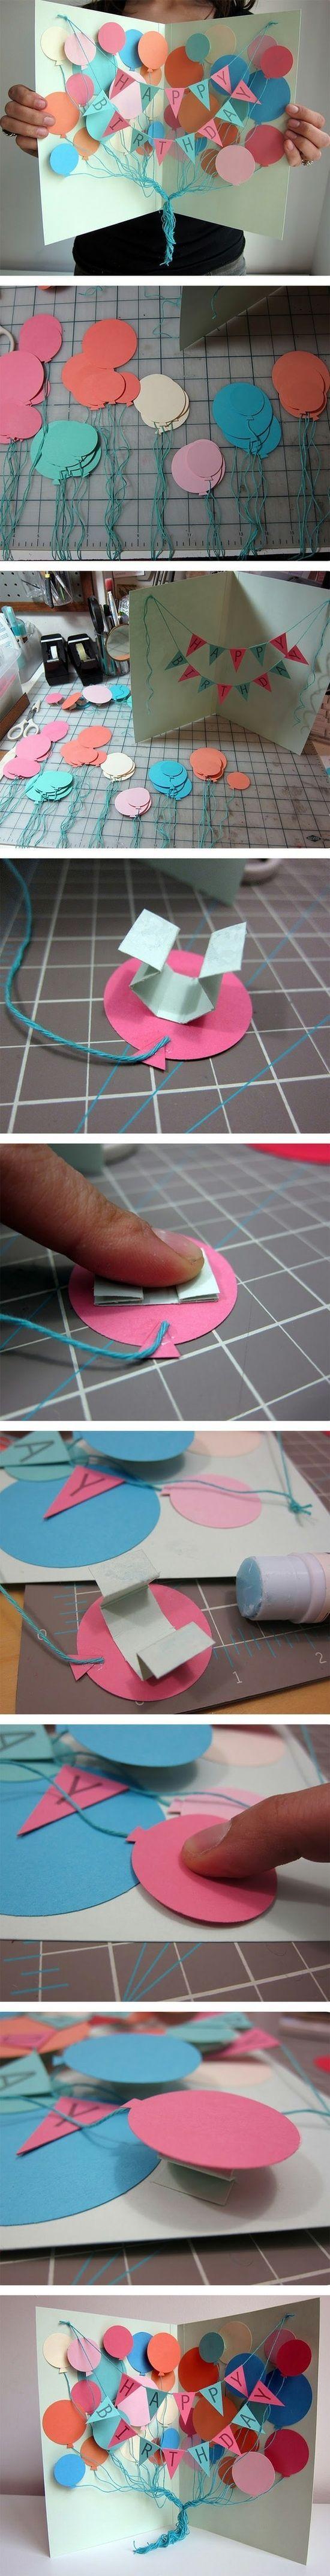 Happy Birthday - DIY | http://craftsandcreationsideas.blogspot.com